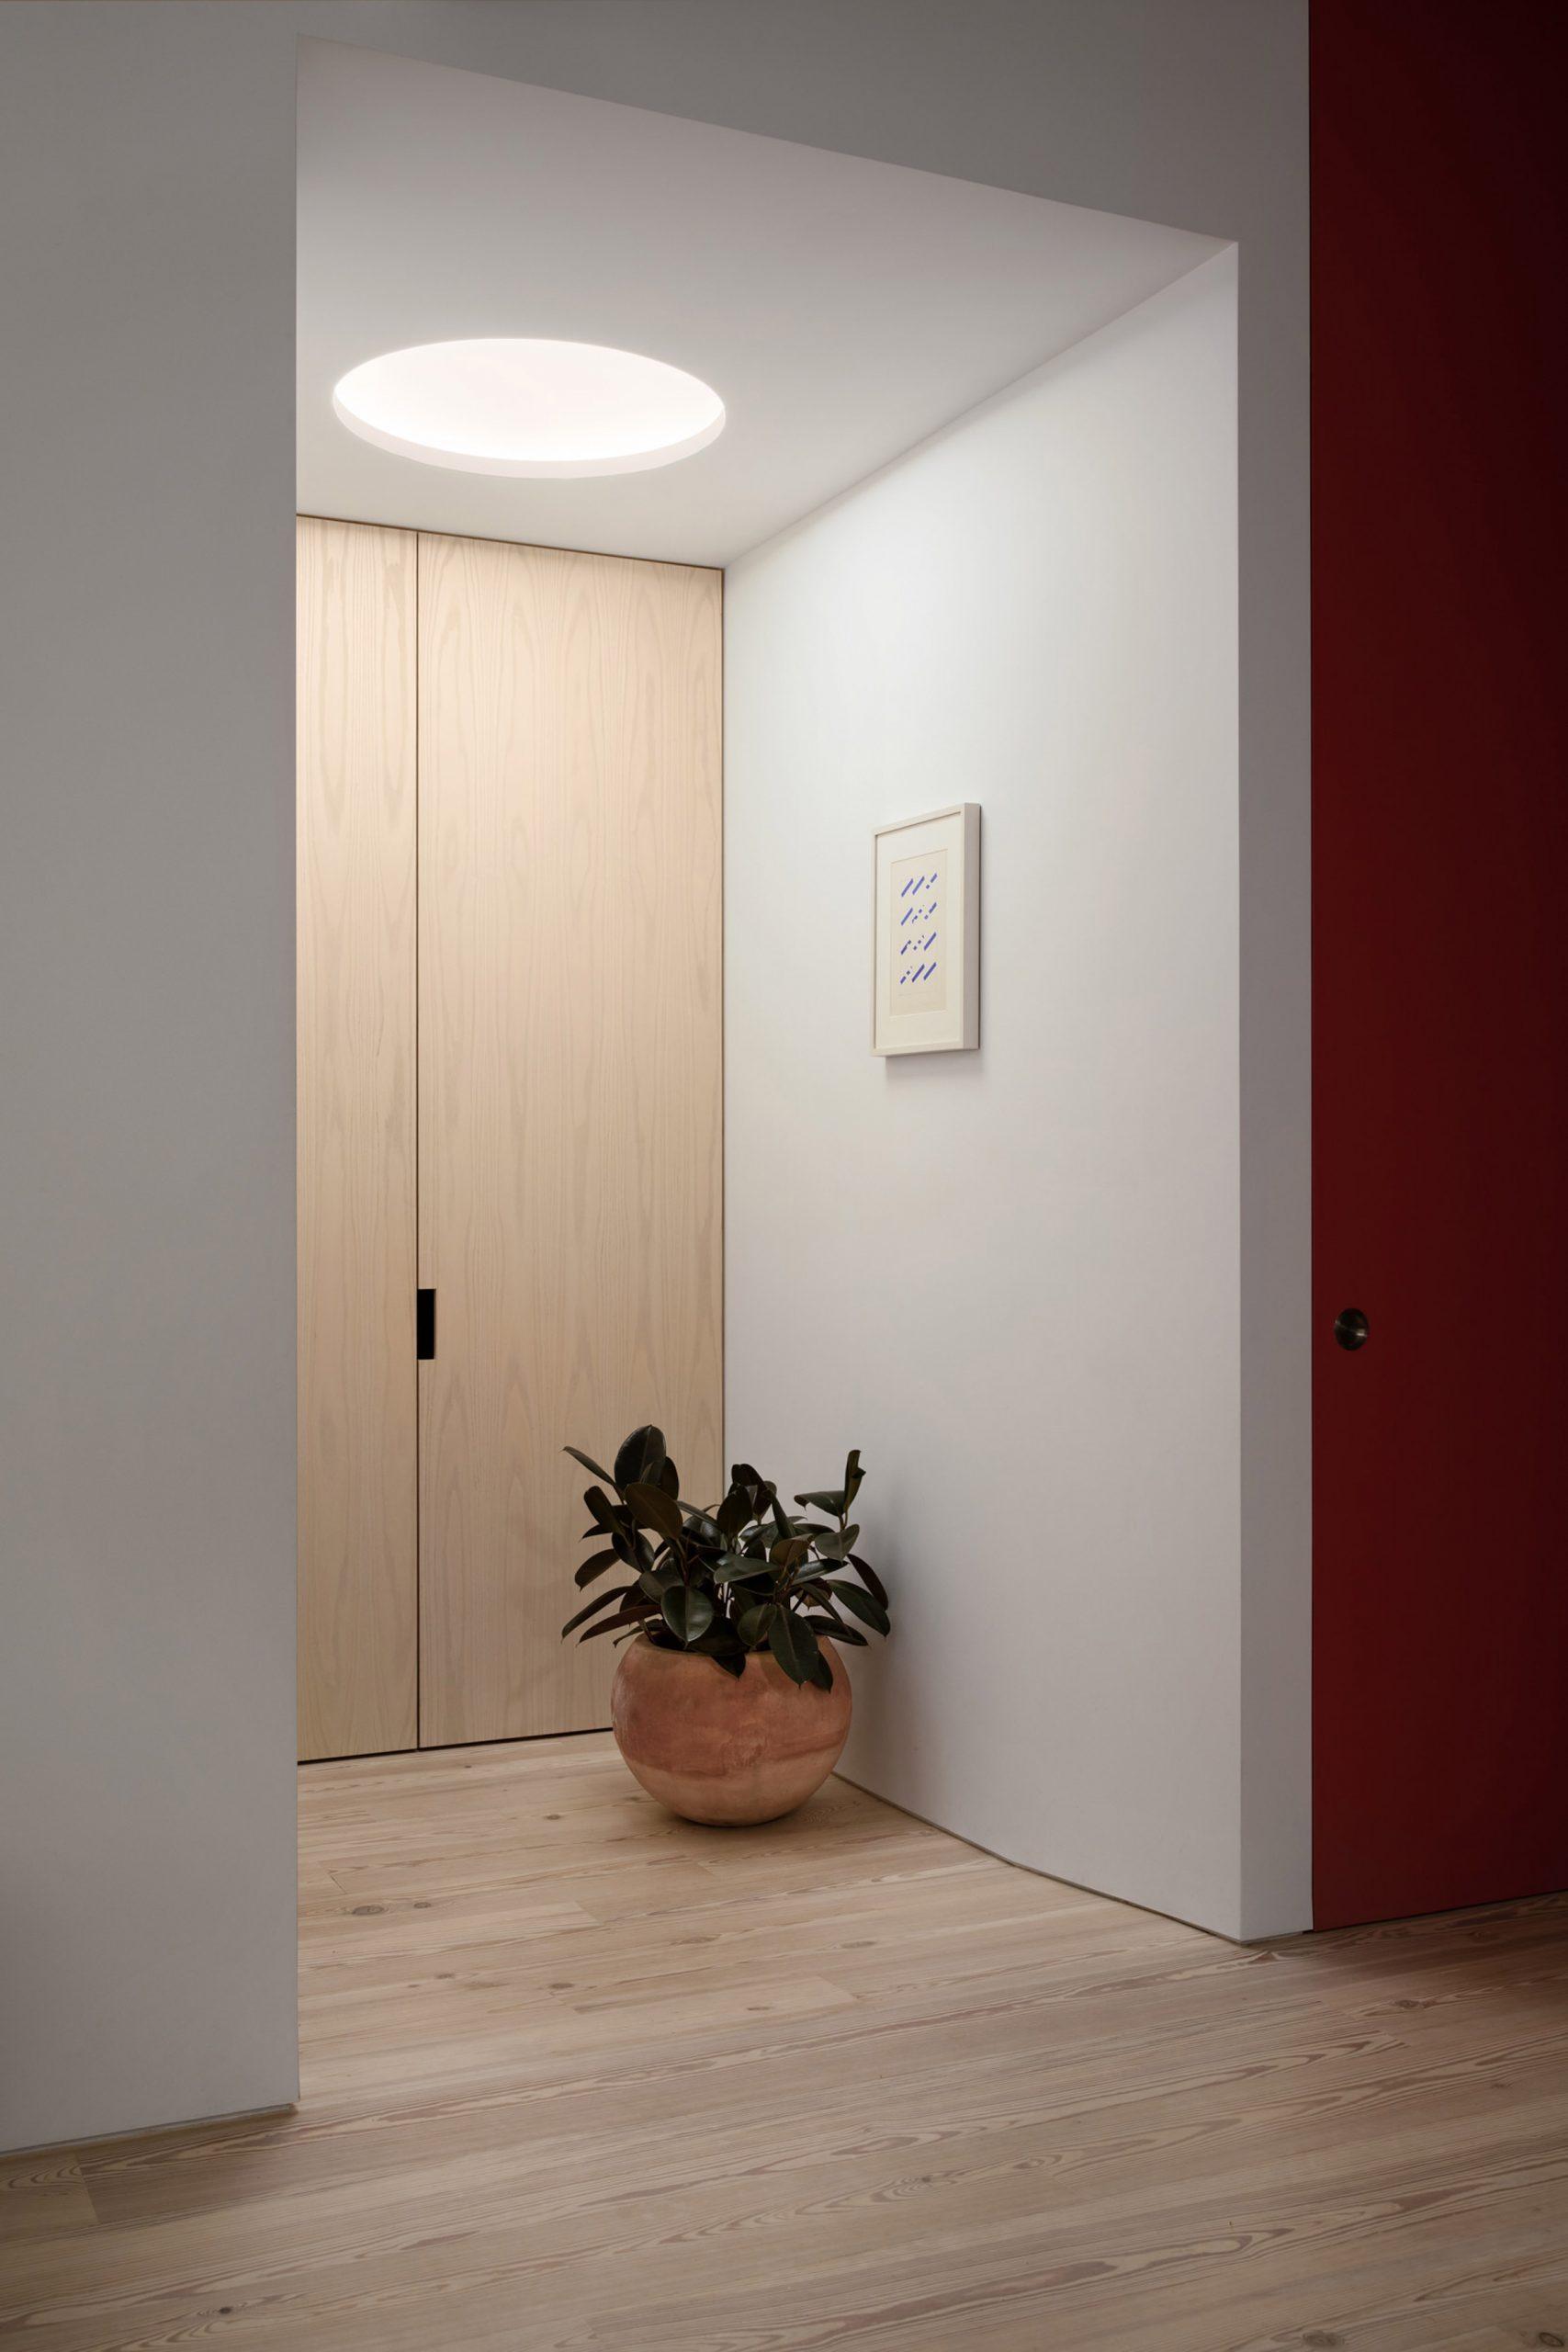 Kết hợp Gỗ và Đá Cẩm Thạch trong thiết kế kiến trúc nội thất 7